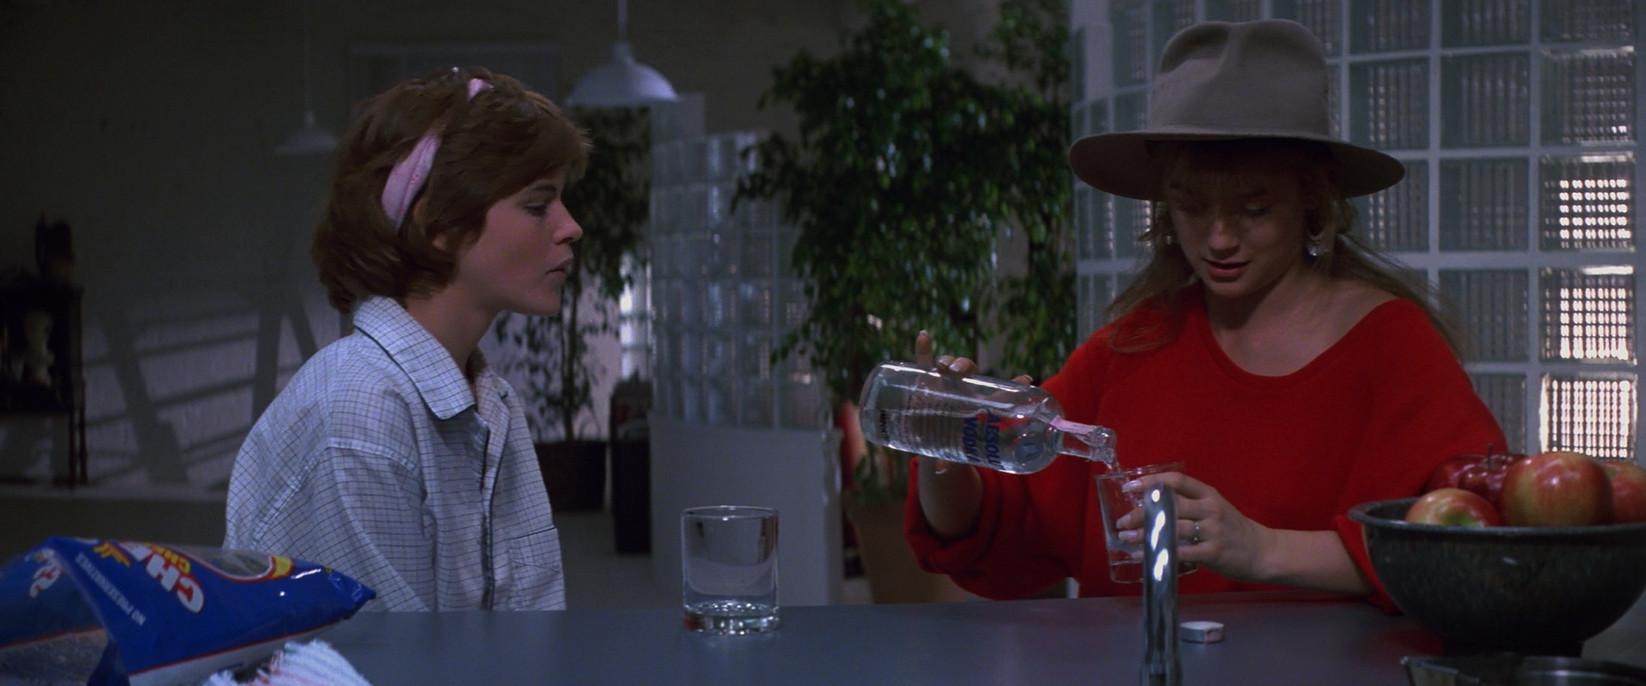 1KWuxn - St. Elmo, punto de encuentro   1985   Drama. Amistad. Adolescencia   BDrip 1080p   eng.cast DTS 5.1   12,3 GB